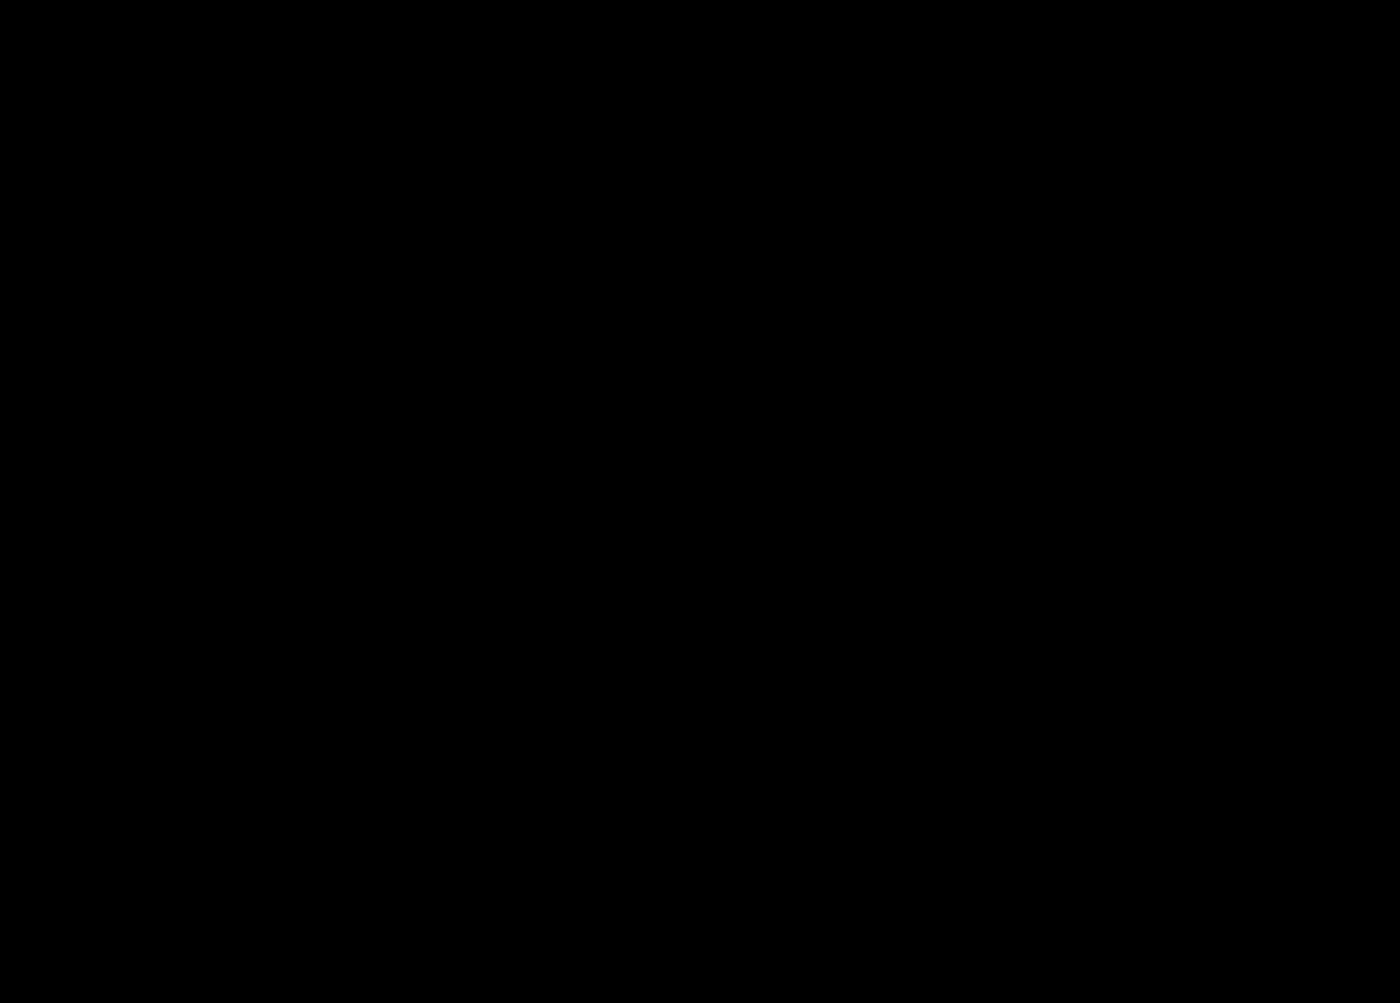 Schnepfenstrich 23×30